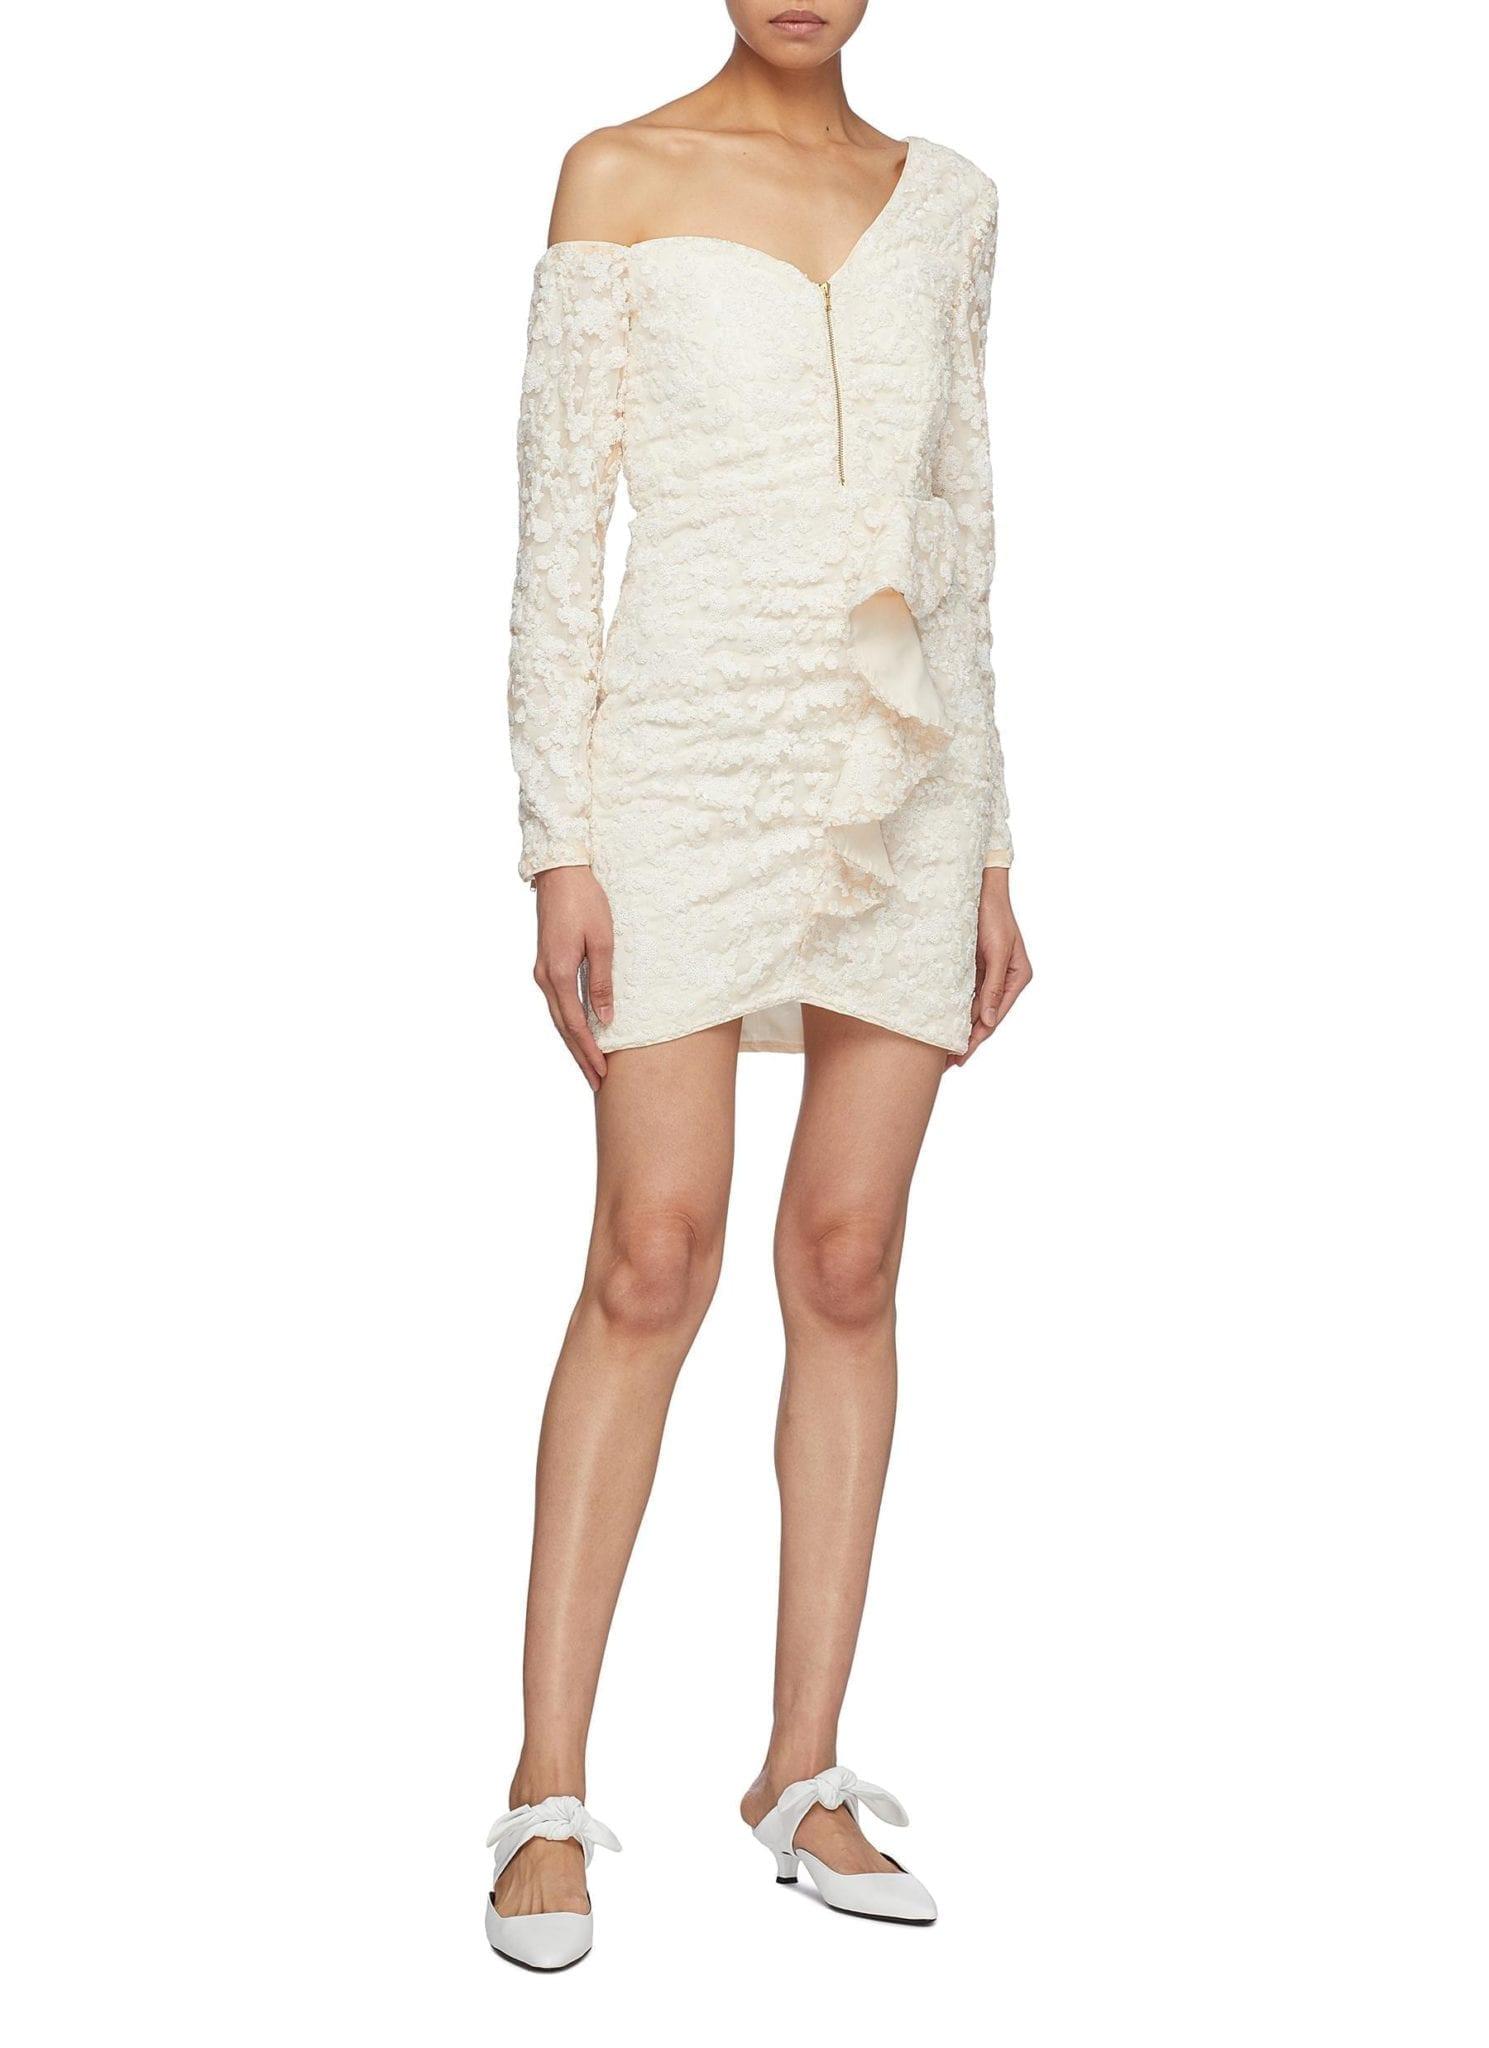 SELF-PORTRAIT Zip Front Ruffle Sequin One-shoulder Cream Dress